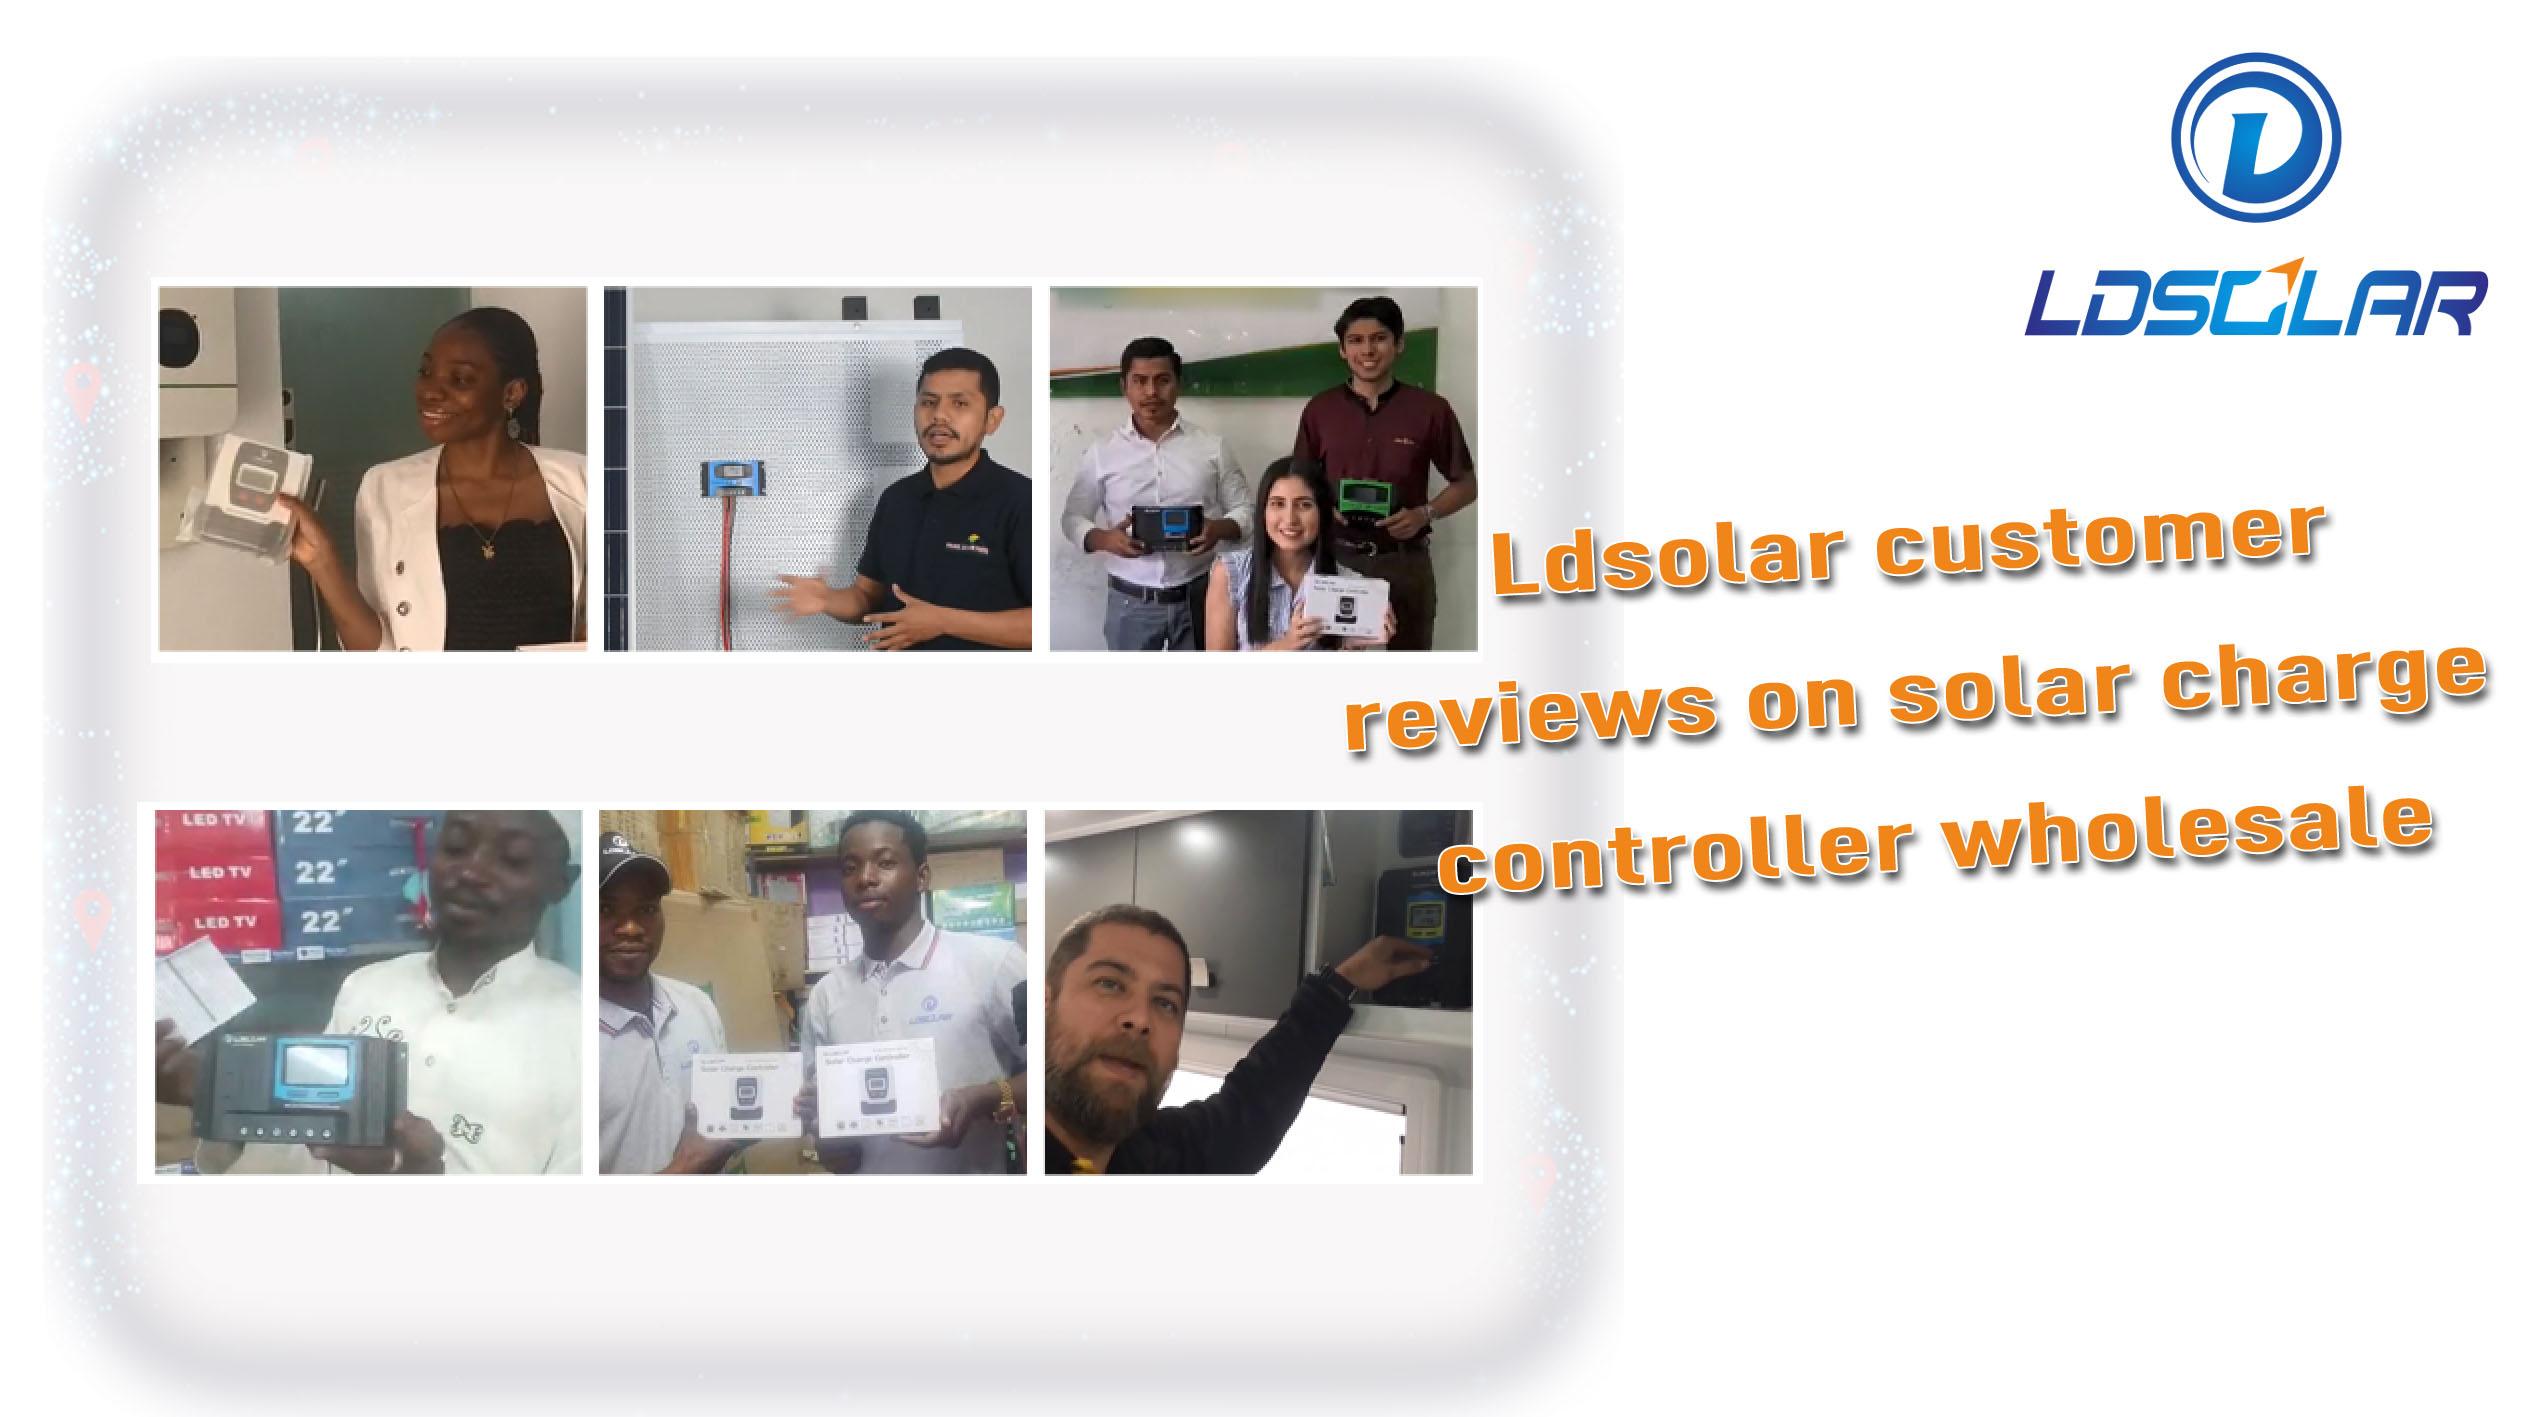 Avaliações de clientes Ldsolar no atacado de controlador de carga solar